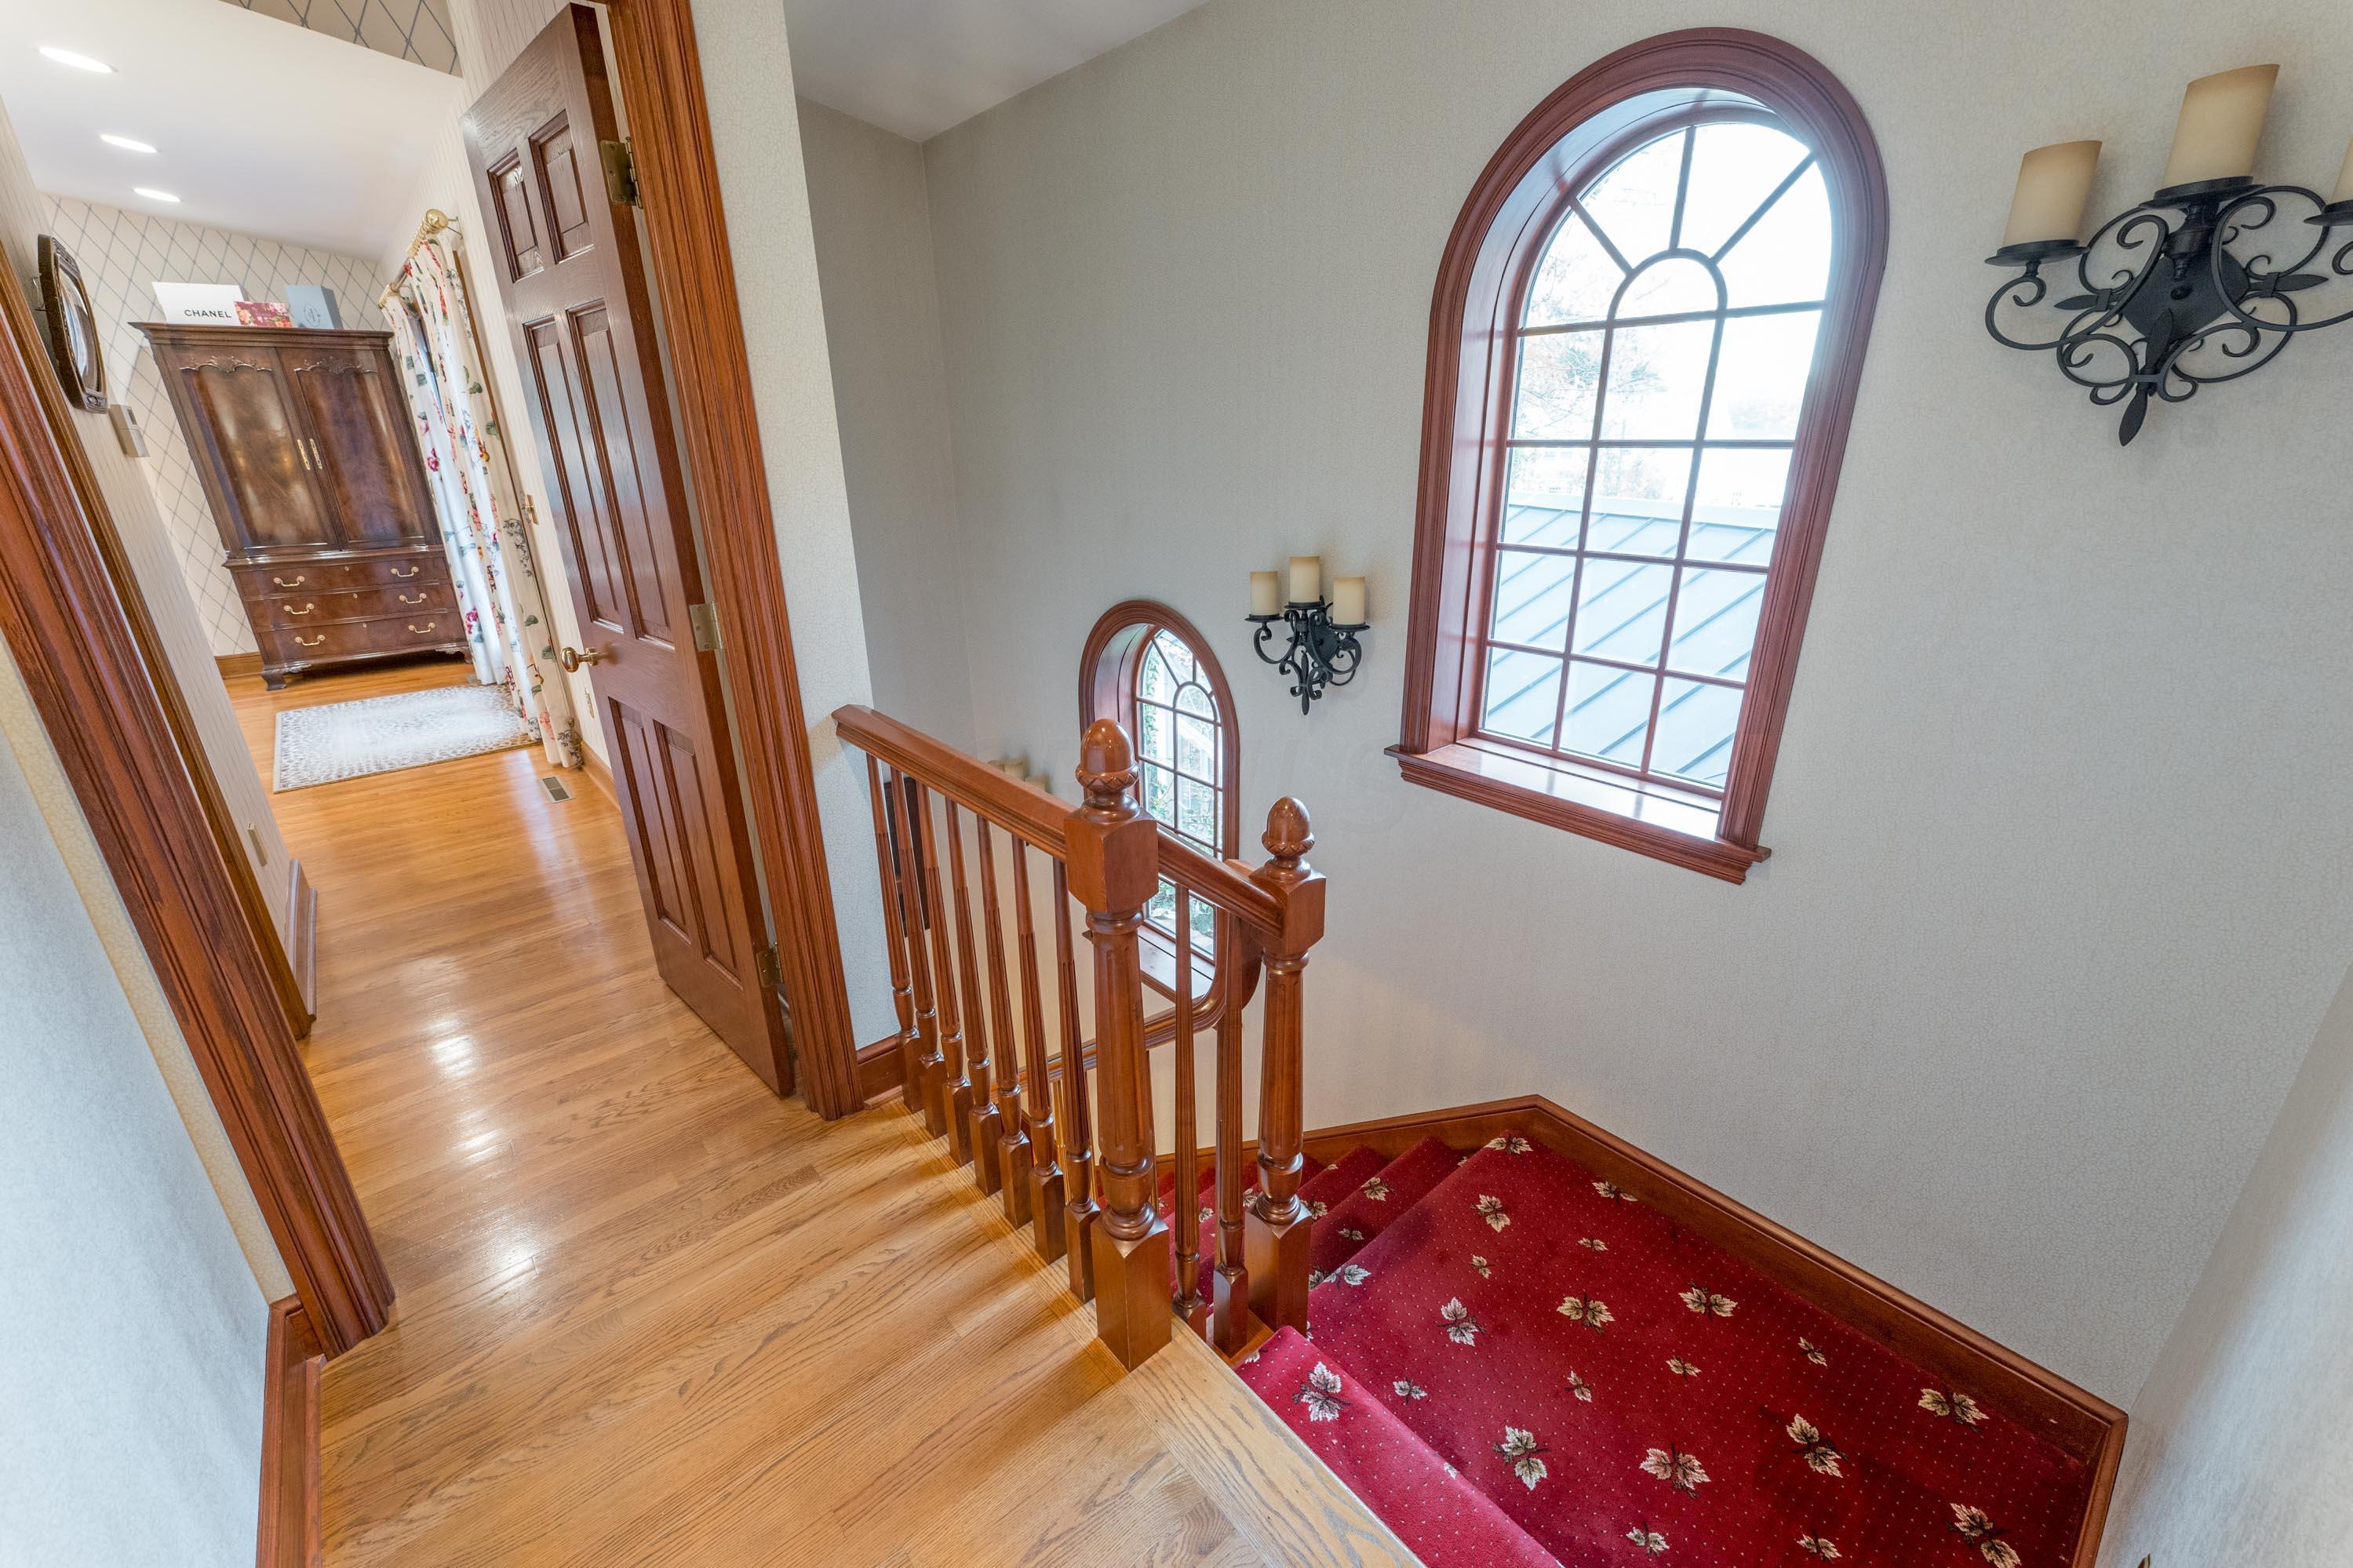 1101 Kingsdale Terrace, Columbus, Ohio 43220, 6 Bedrooms Bedrooms, ,5 BathroomsBathrooms,Residential,For Sale,Kingsdale,220040424